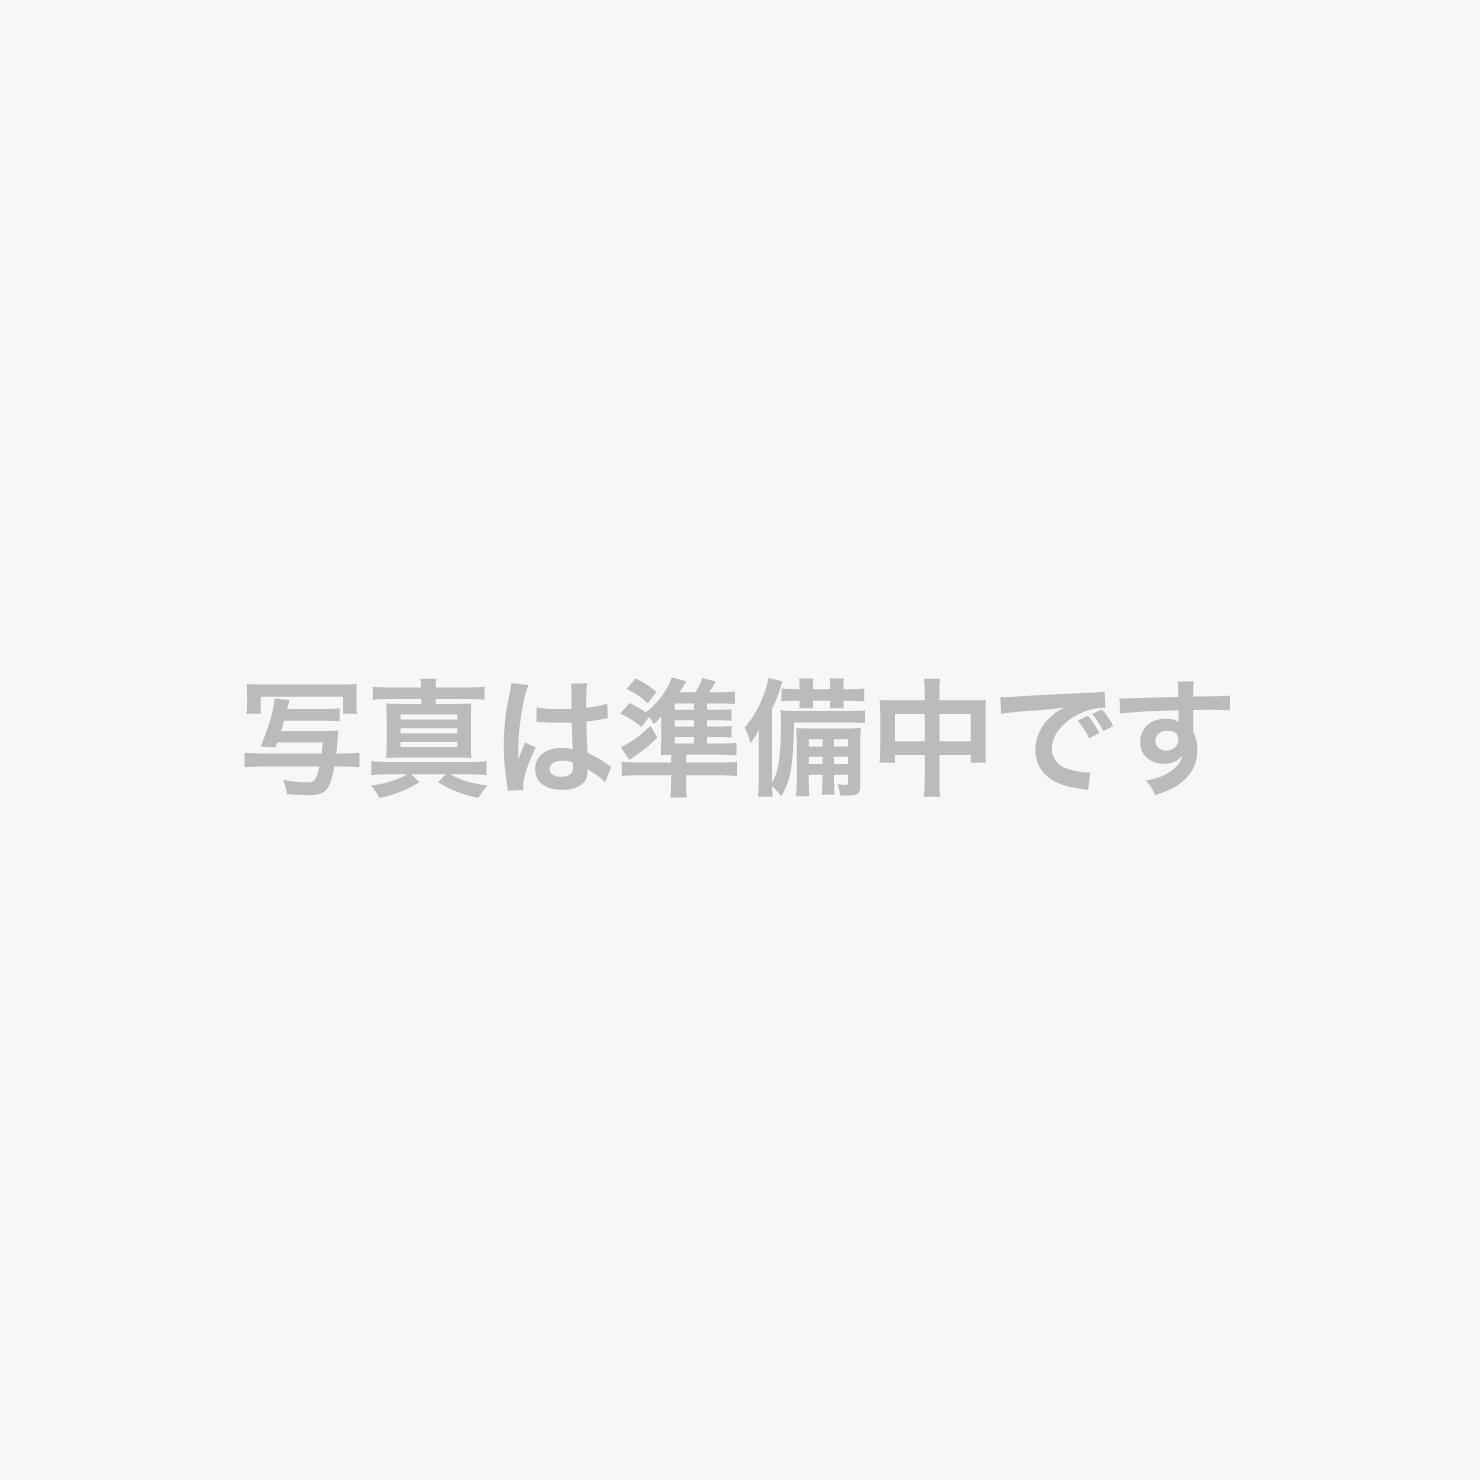 彩り御膳(イメージ)【1Fレストラン朝食◆6:30~9:30(LO9:00)】